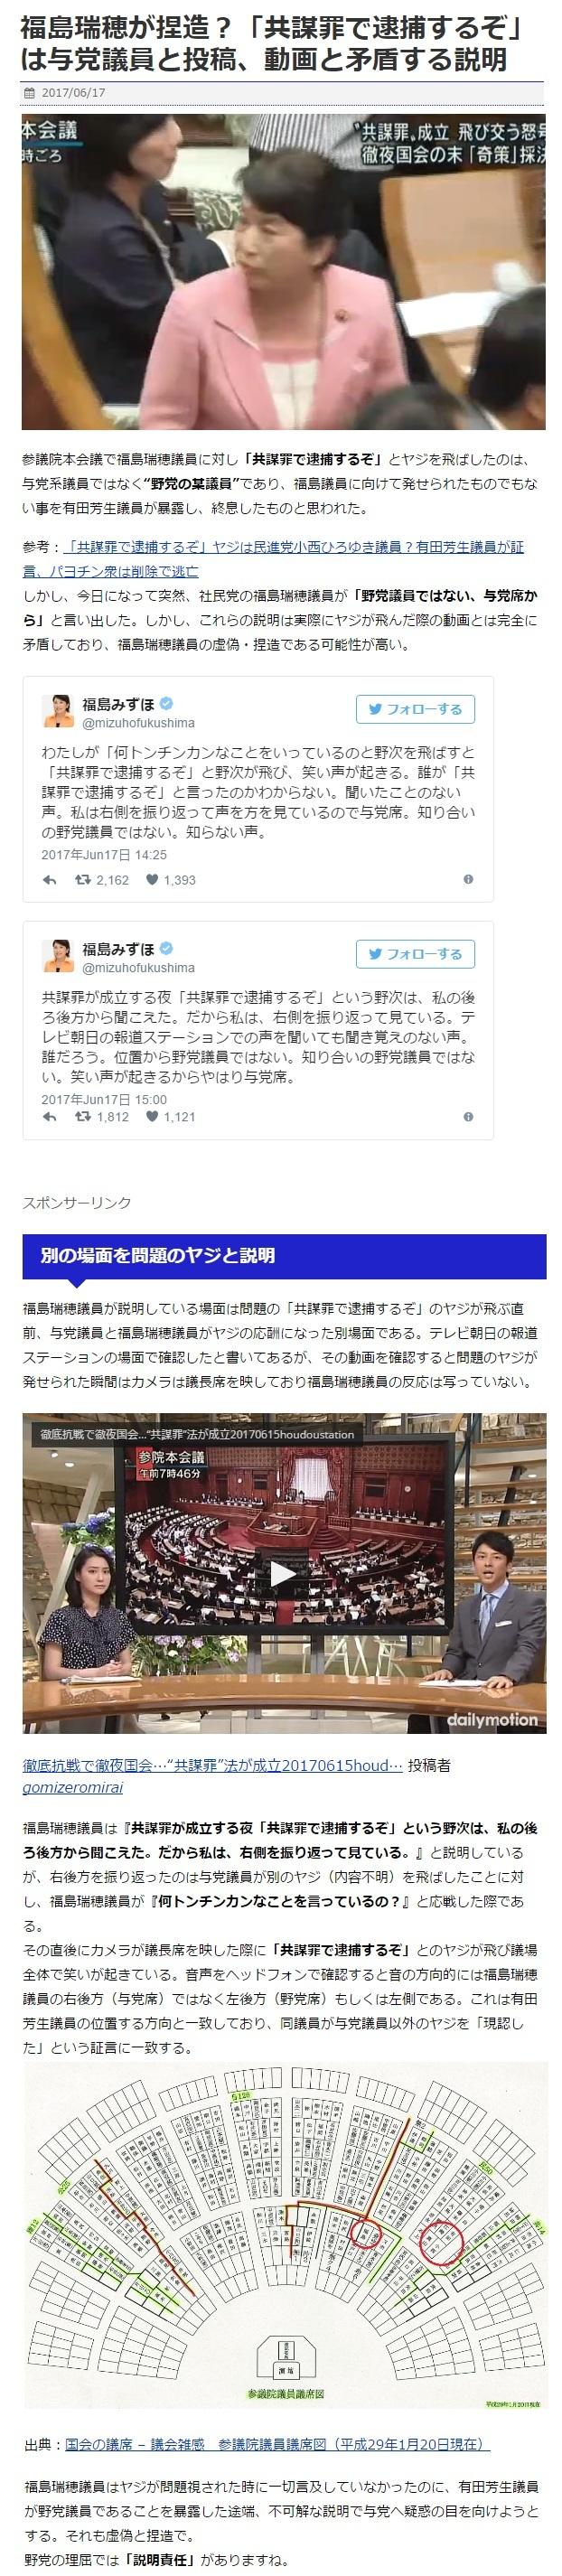 福島瑞穂が捏造「共謀罪で逮捕するぞ」は与党議員と投稿2